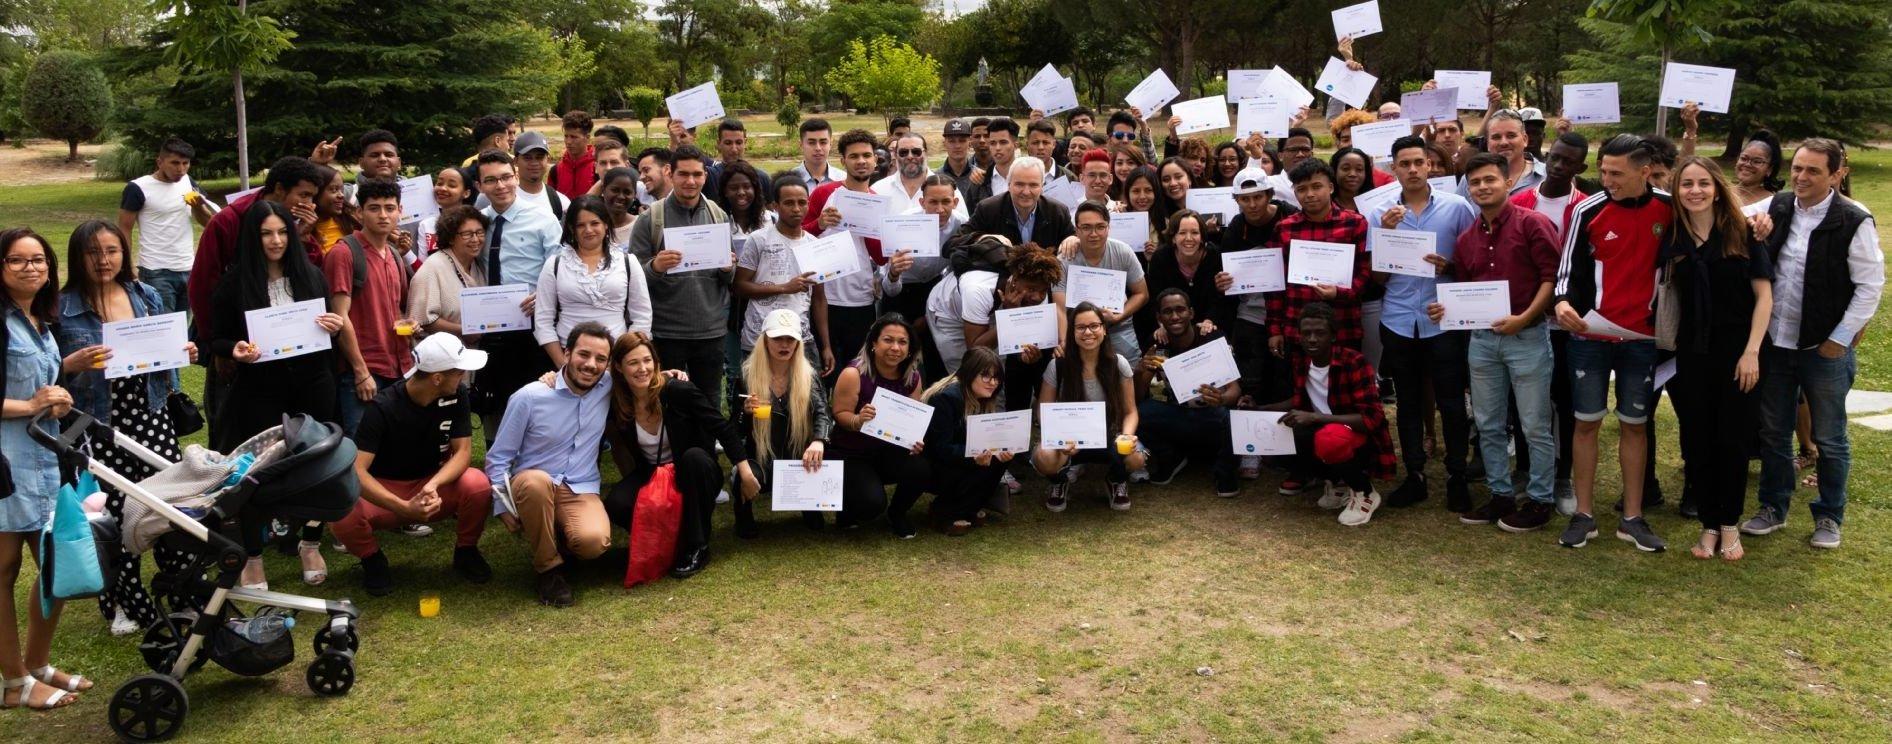 Graduación de los cursos de formación de la ONG CESAL en España 2019